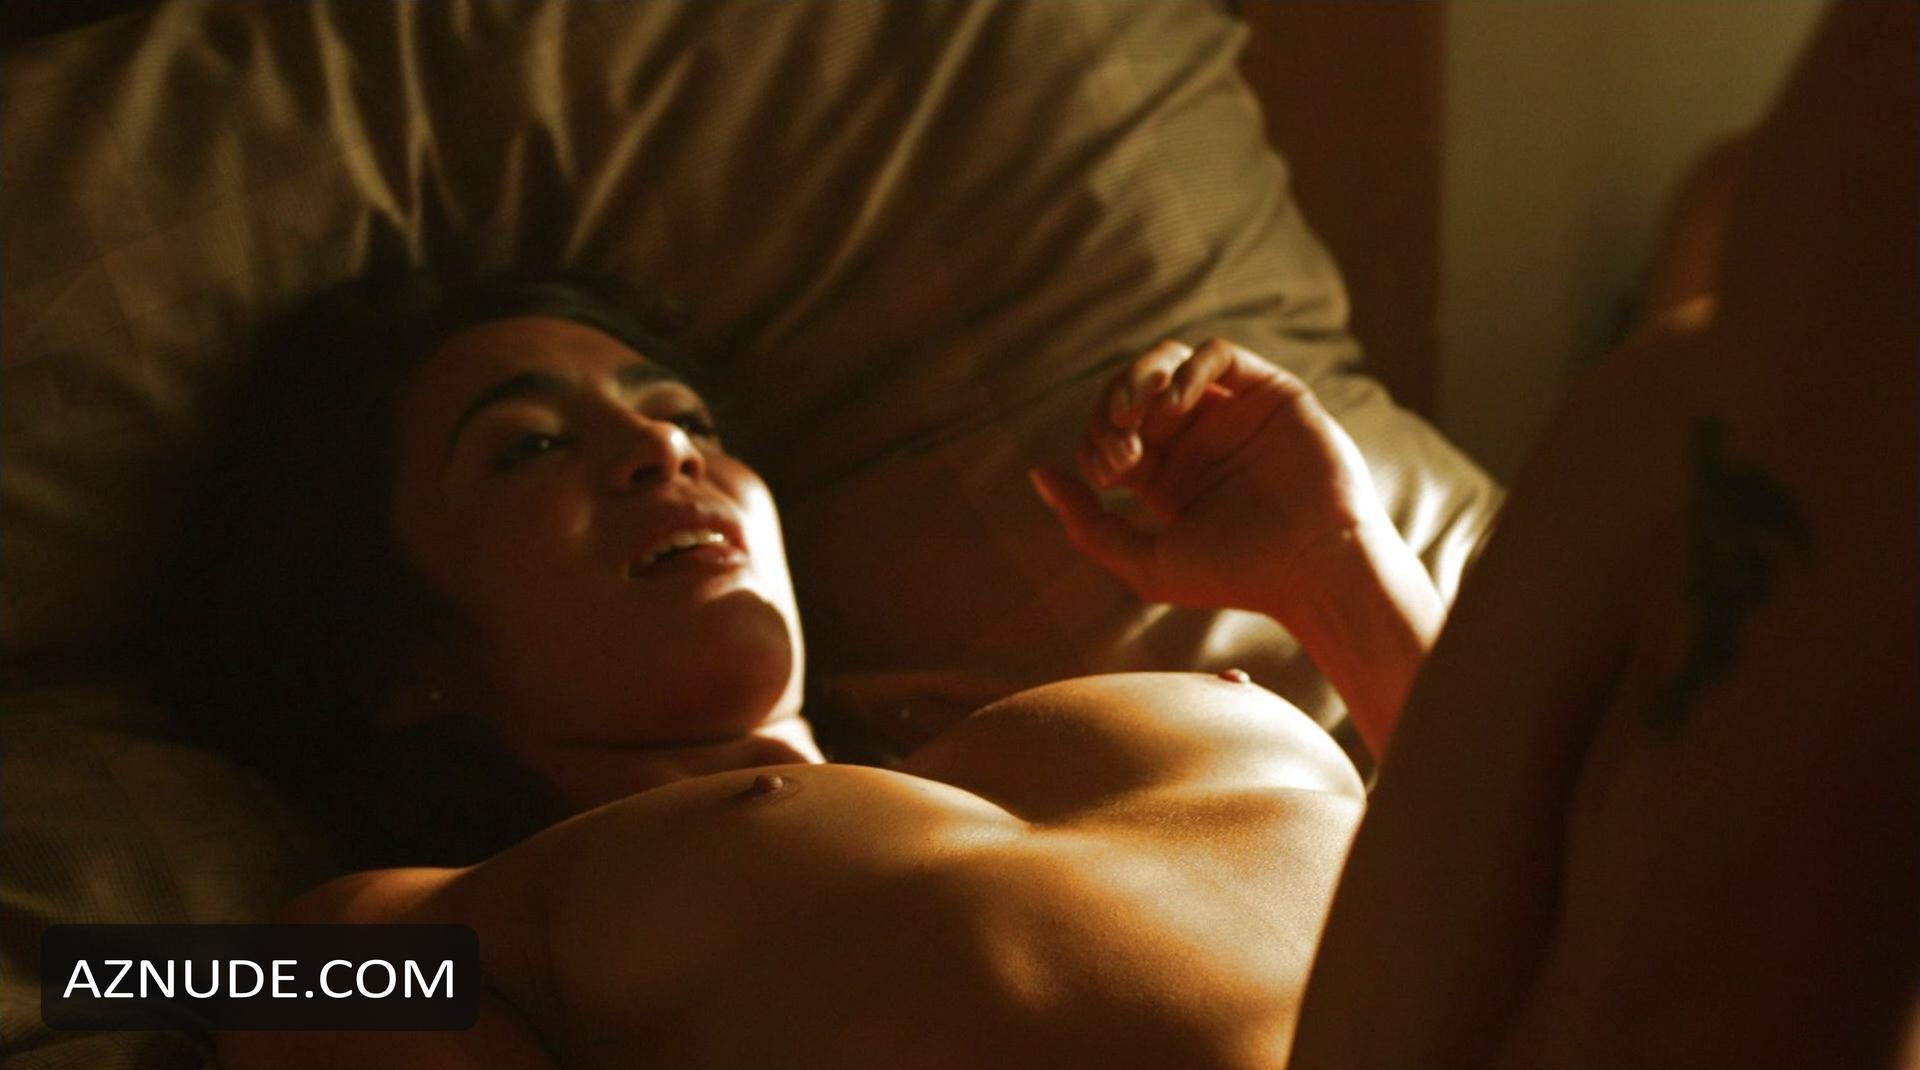 Kristen stewart sex scene 8